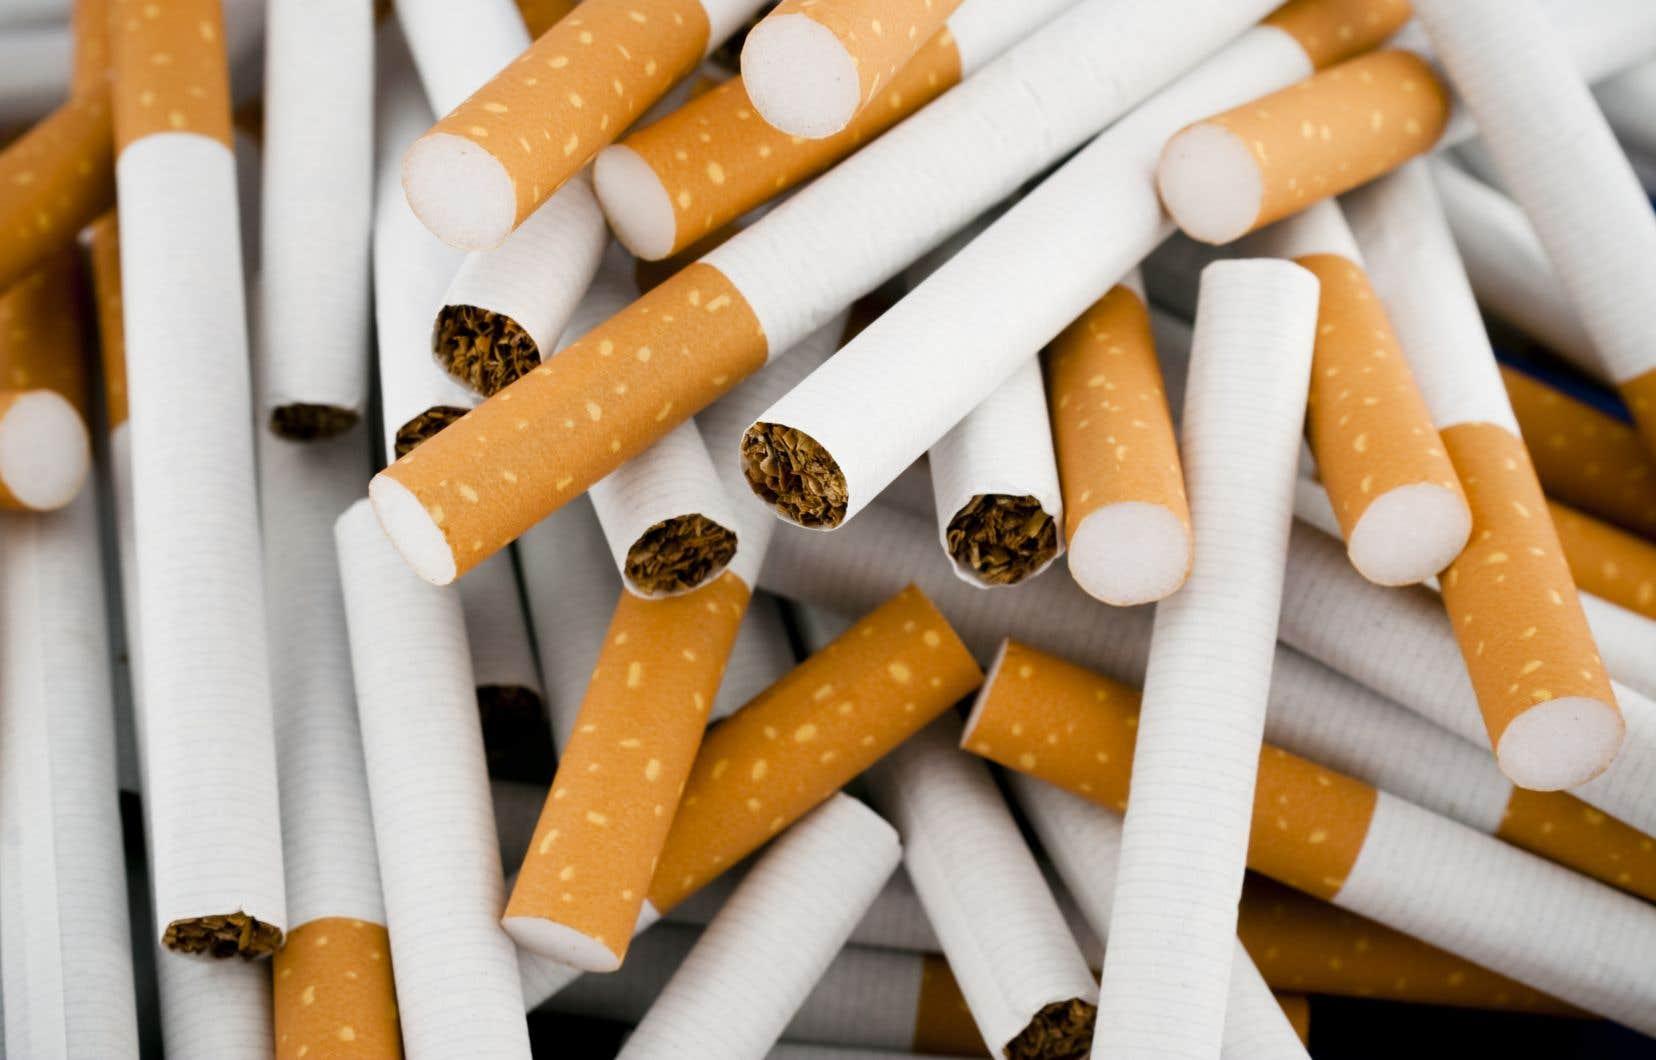 Les trois géants du tabac au Canada devront verser environ 17 milliards de dollars en dommages et intérêtsà quelque 100000 Québécois ayant souffert des ravages de la cigarette.